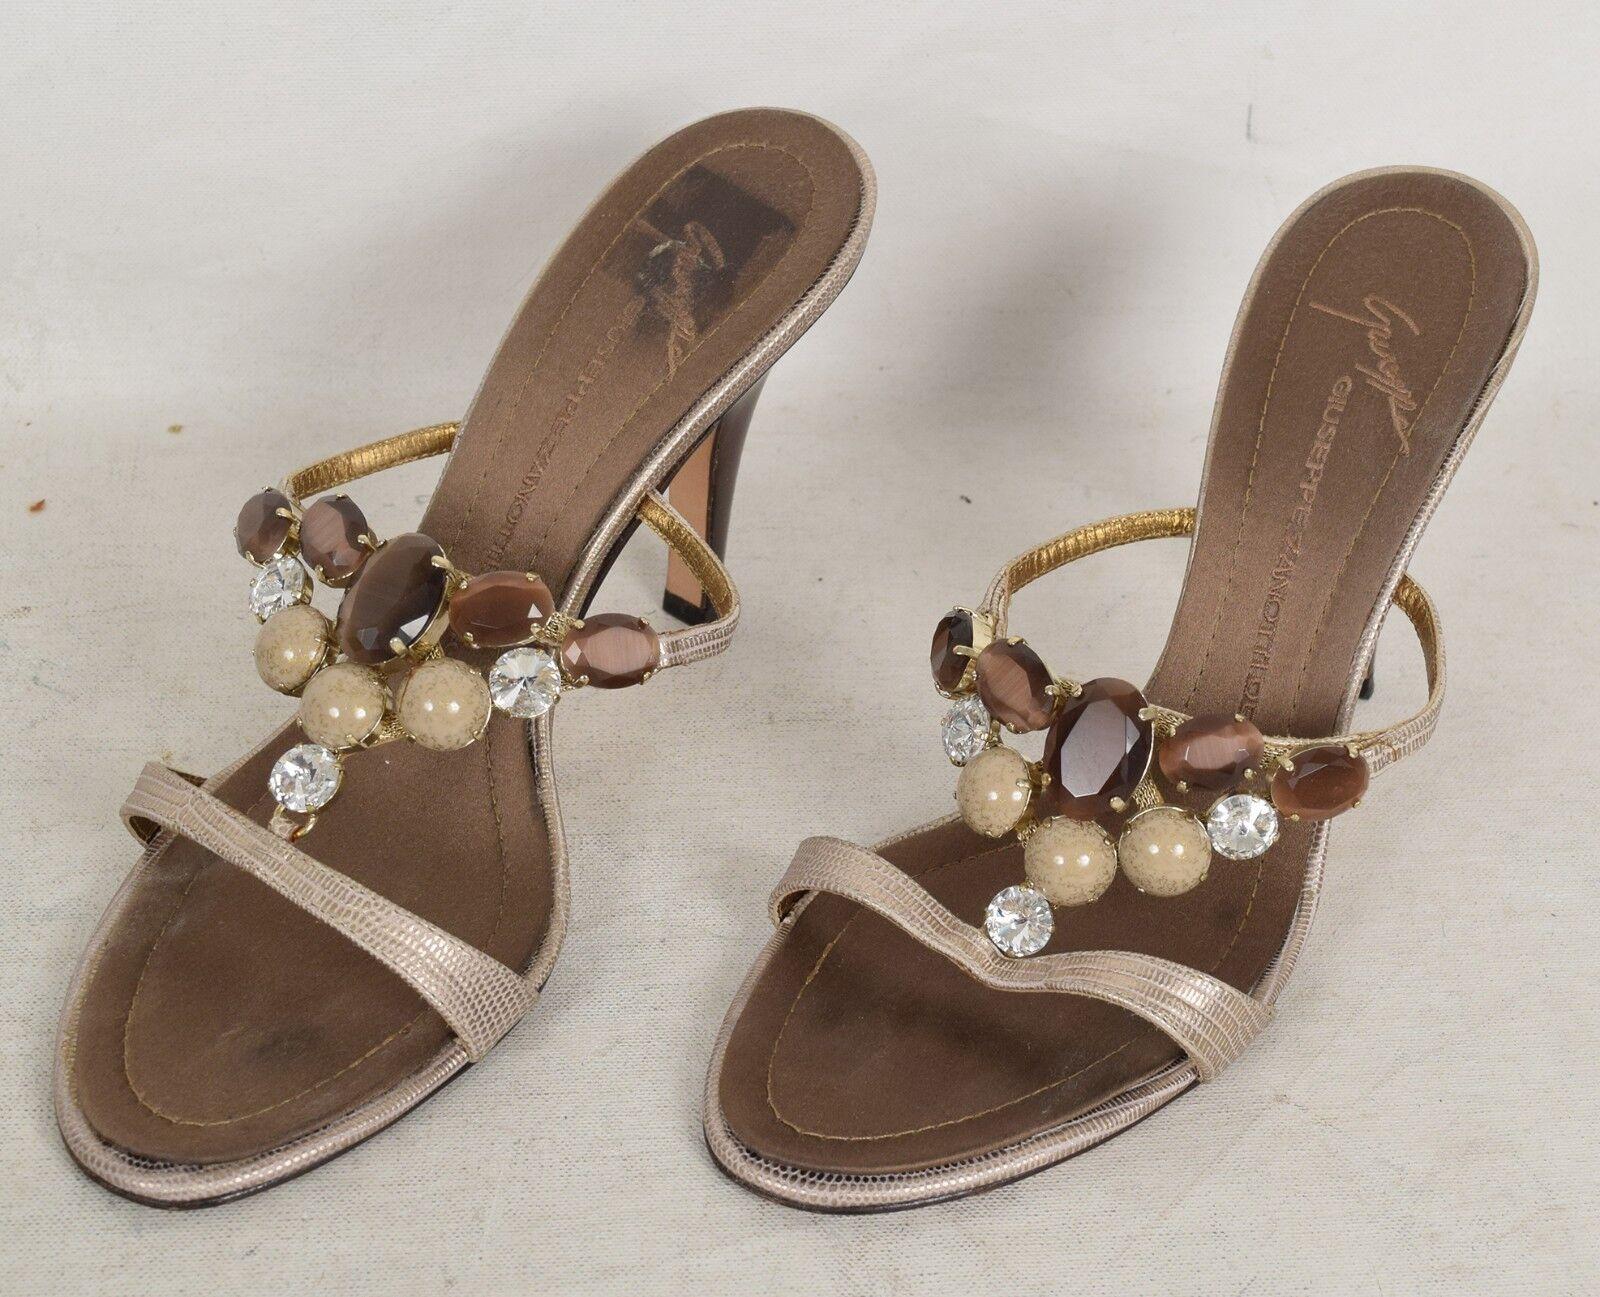 Giuseppe Zanotti Sandal Heels Leather Zambia Tung 38.5 38.5 38.5 ab3bb4